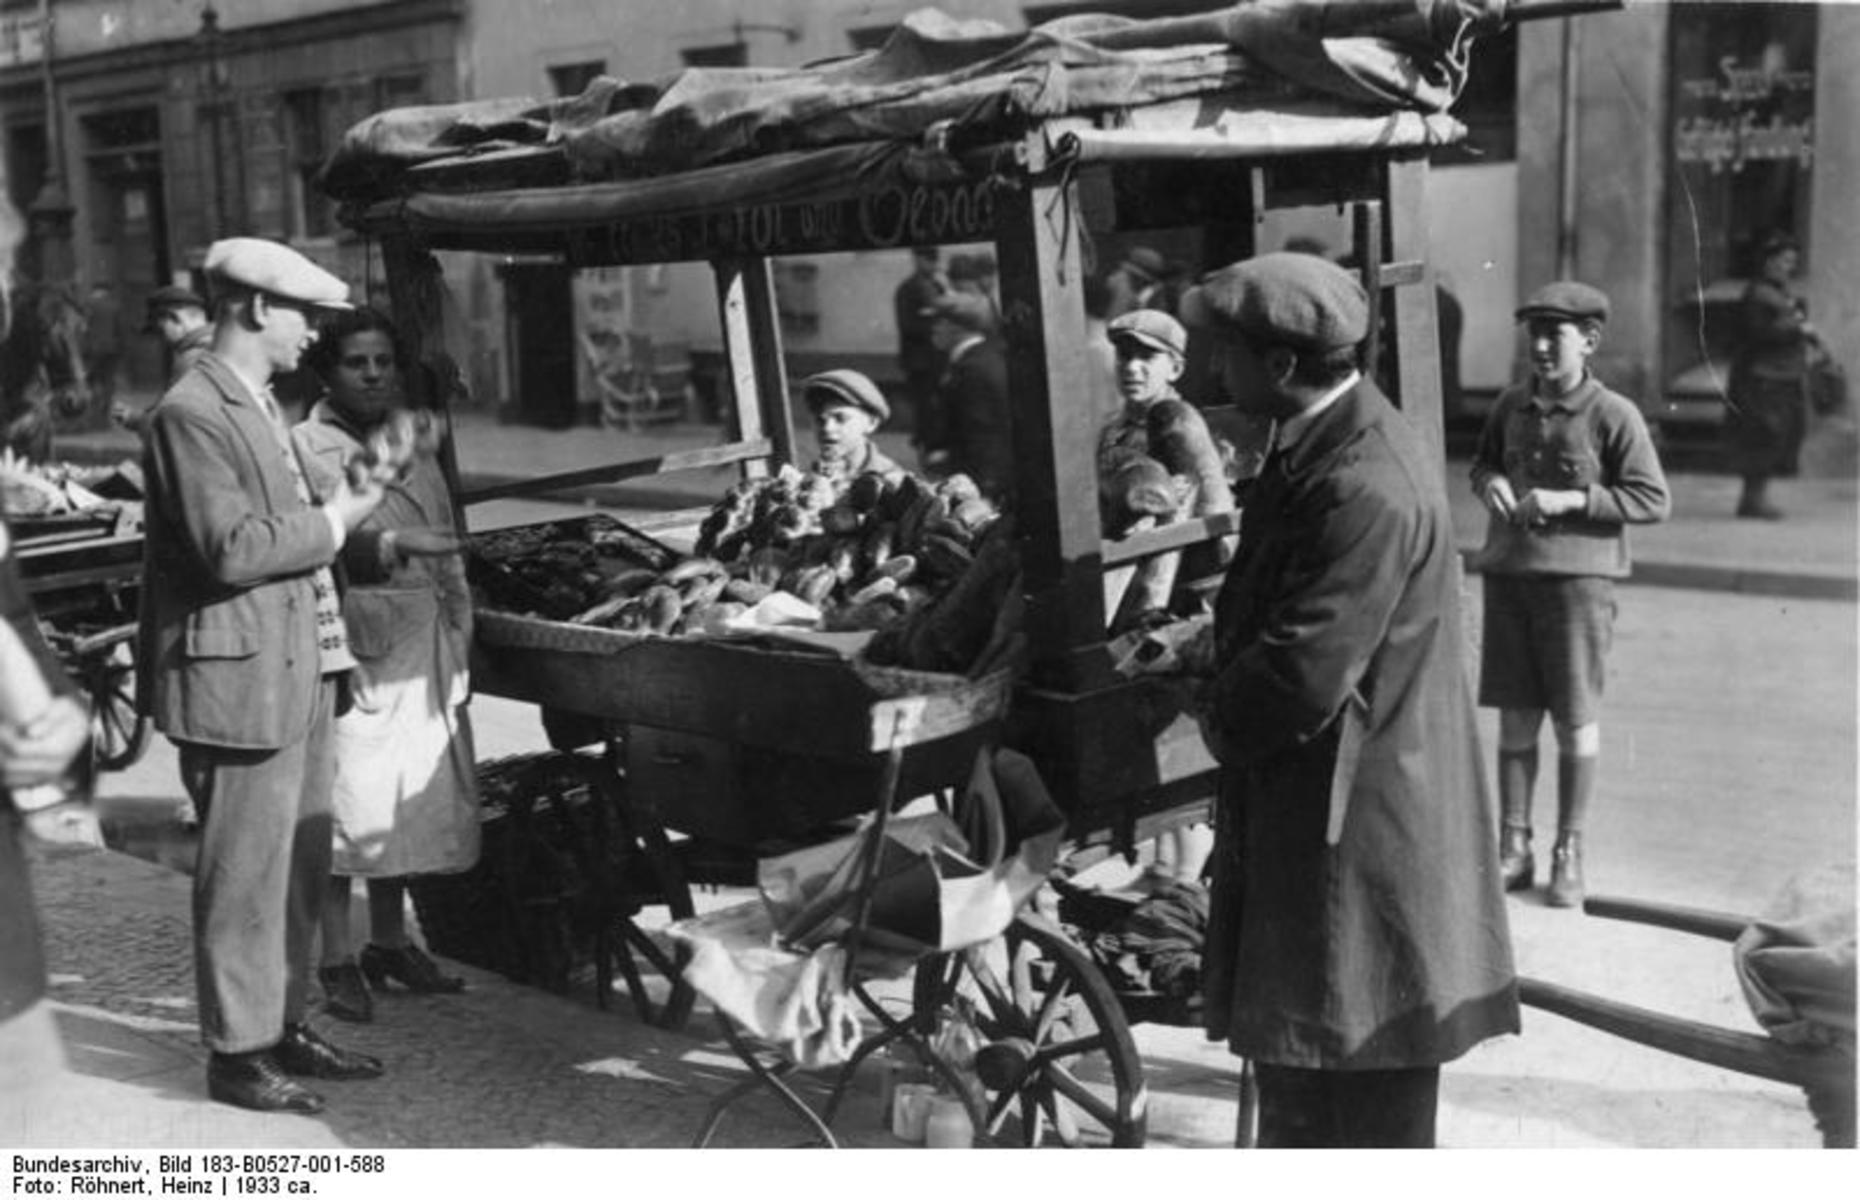 Bundesarchiv_Bild_183-B0527-001-588,_Berlin,_im_Scheunenviertel,_Straßenhandel.jpg